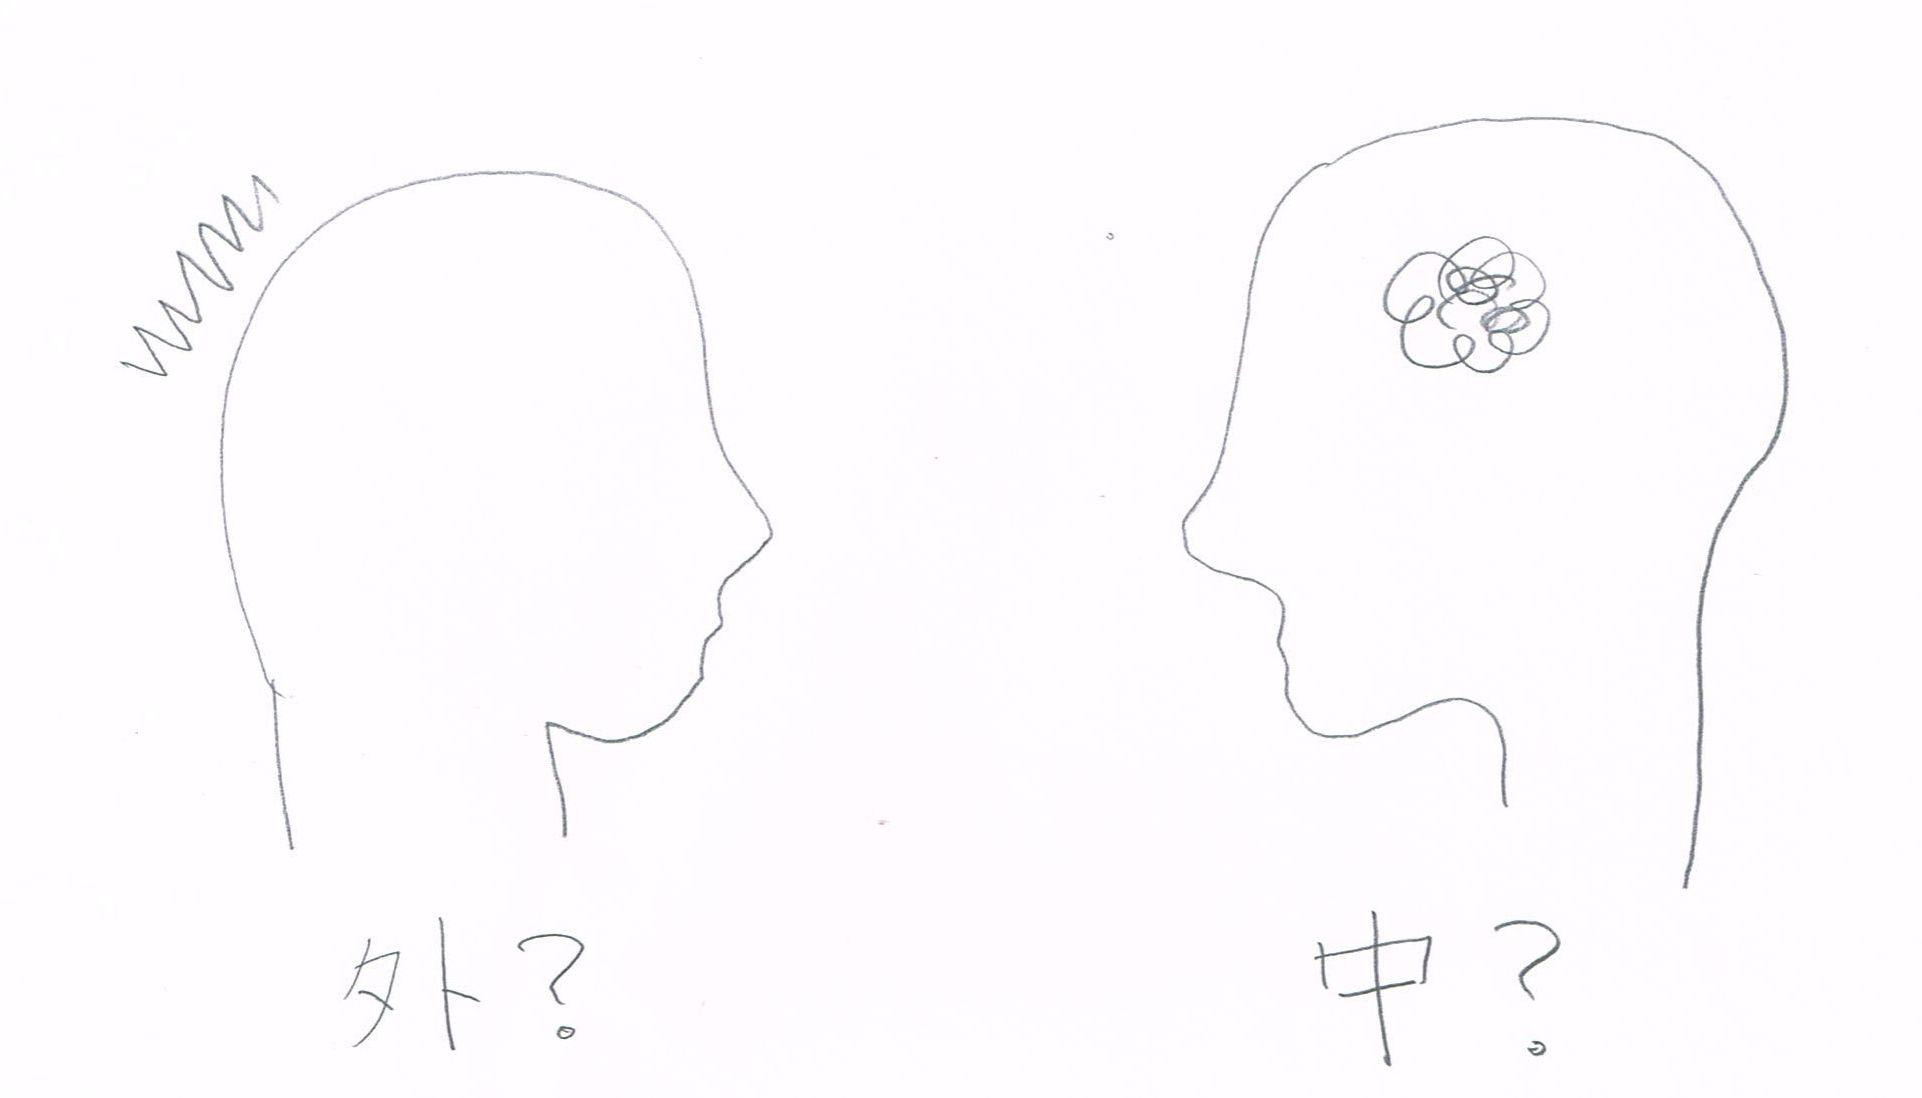 頭痛を感じるのは、頭蓋骨の中ですか?外ですか?